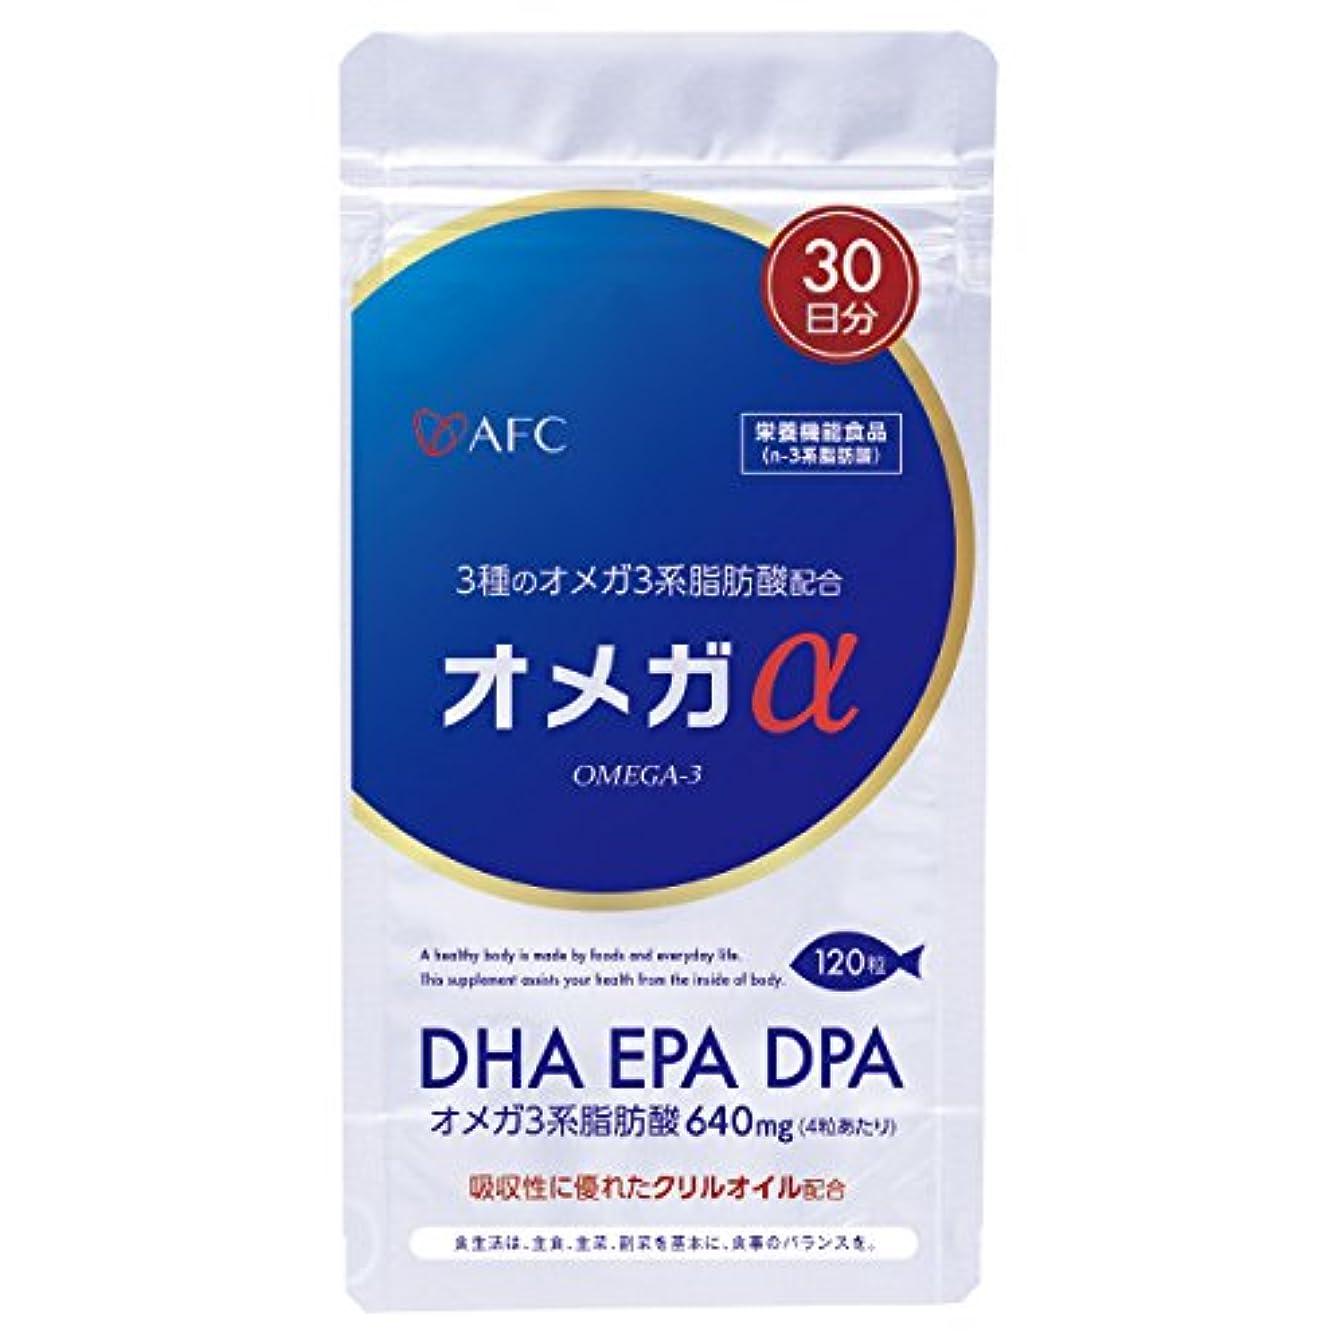 ファンネルウェブスパイダーフレア特権【AFC公式ショップ】30日分 オメガスリー オメガα (オメガ アルファ) ソフトカプセル DHA DPA EPA クリルオイル